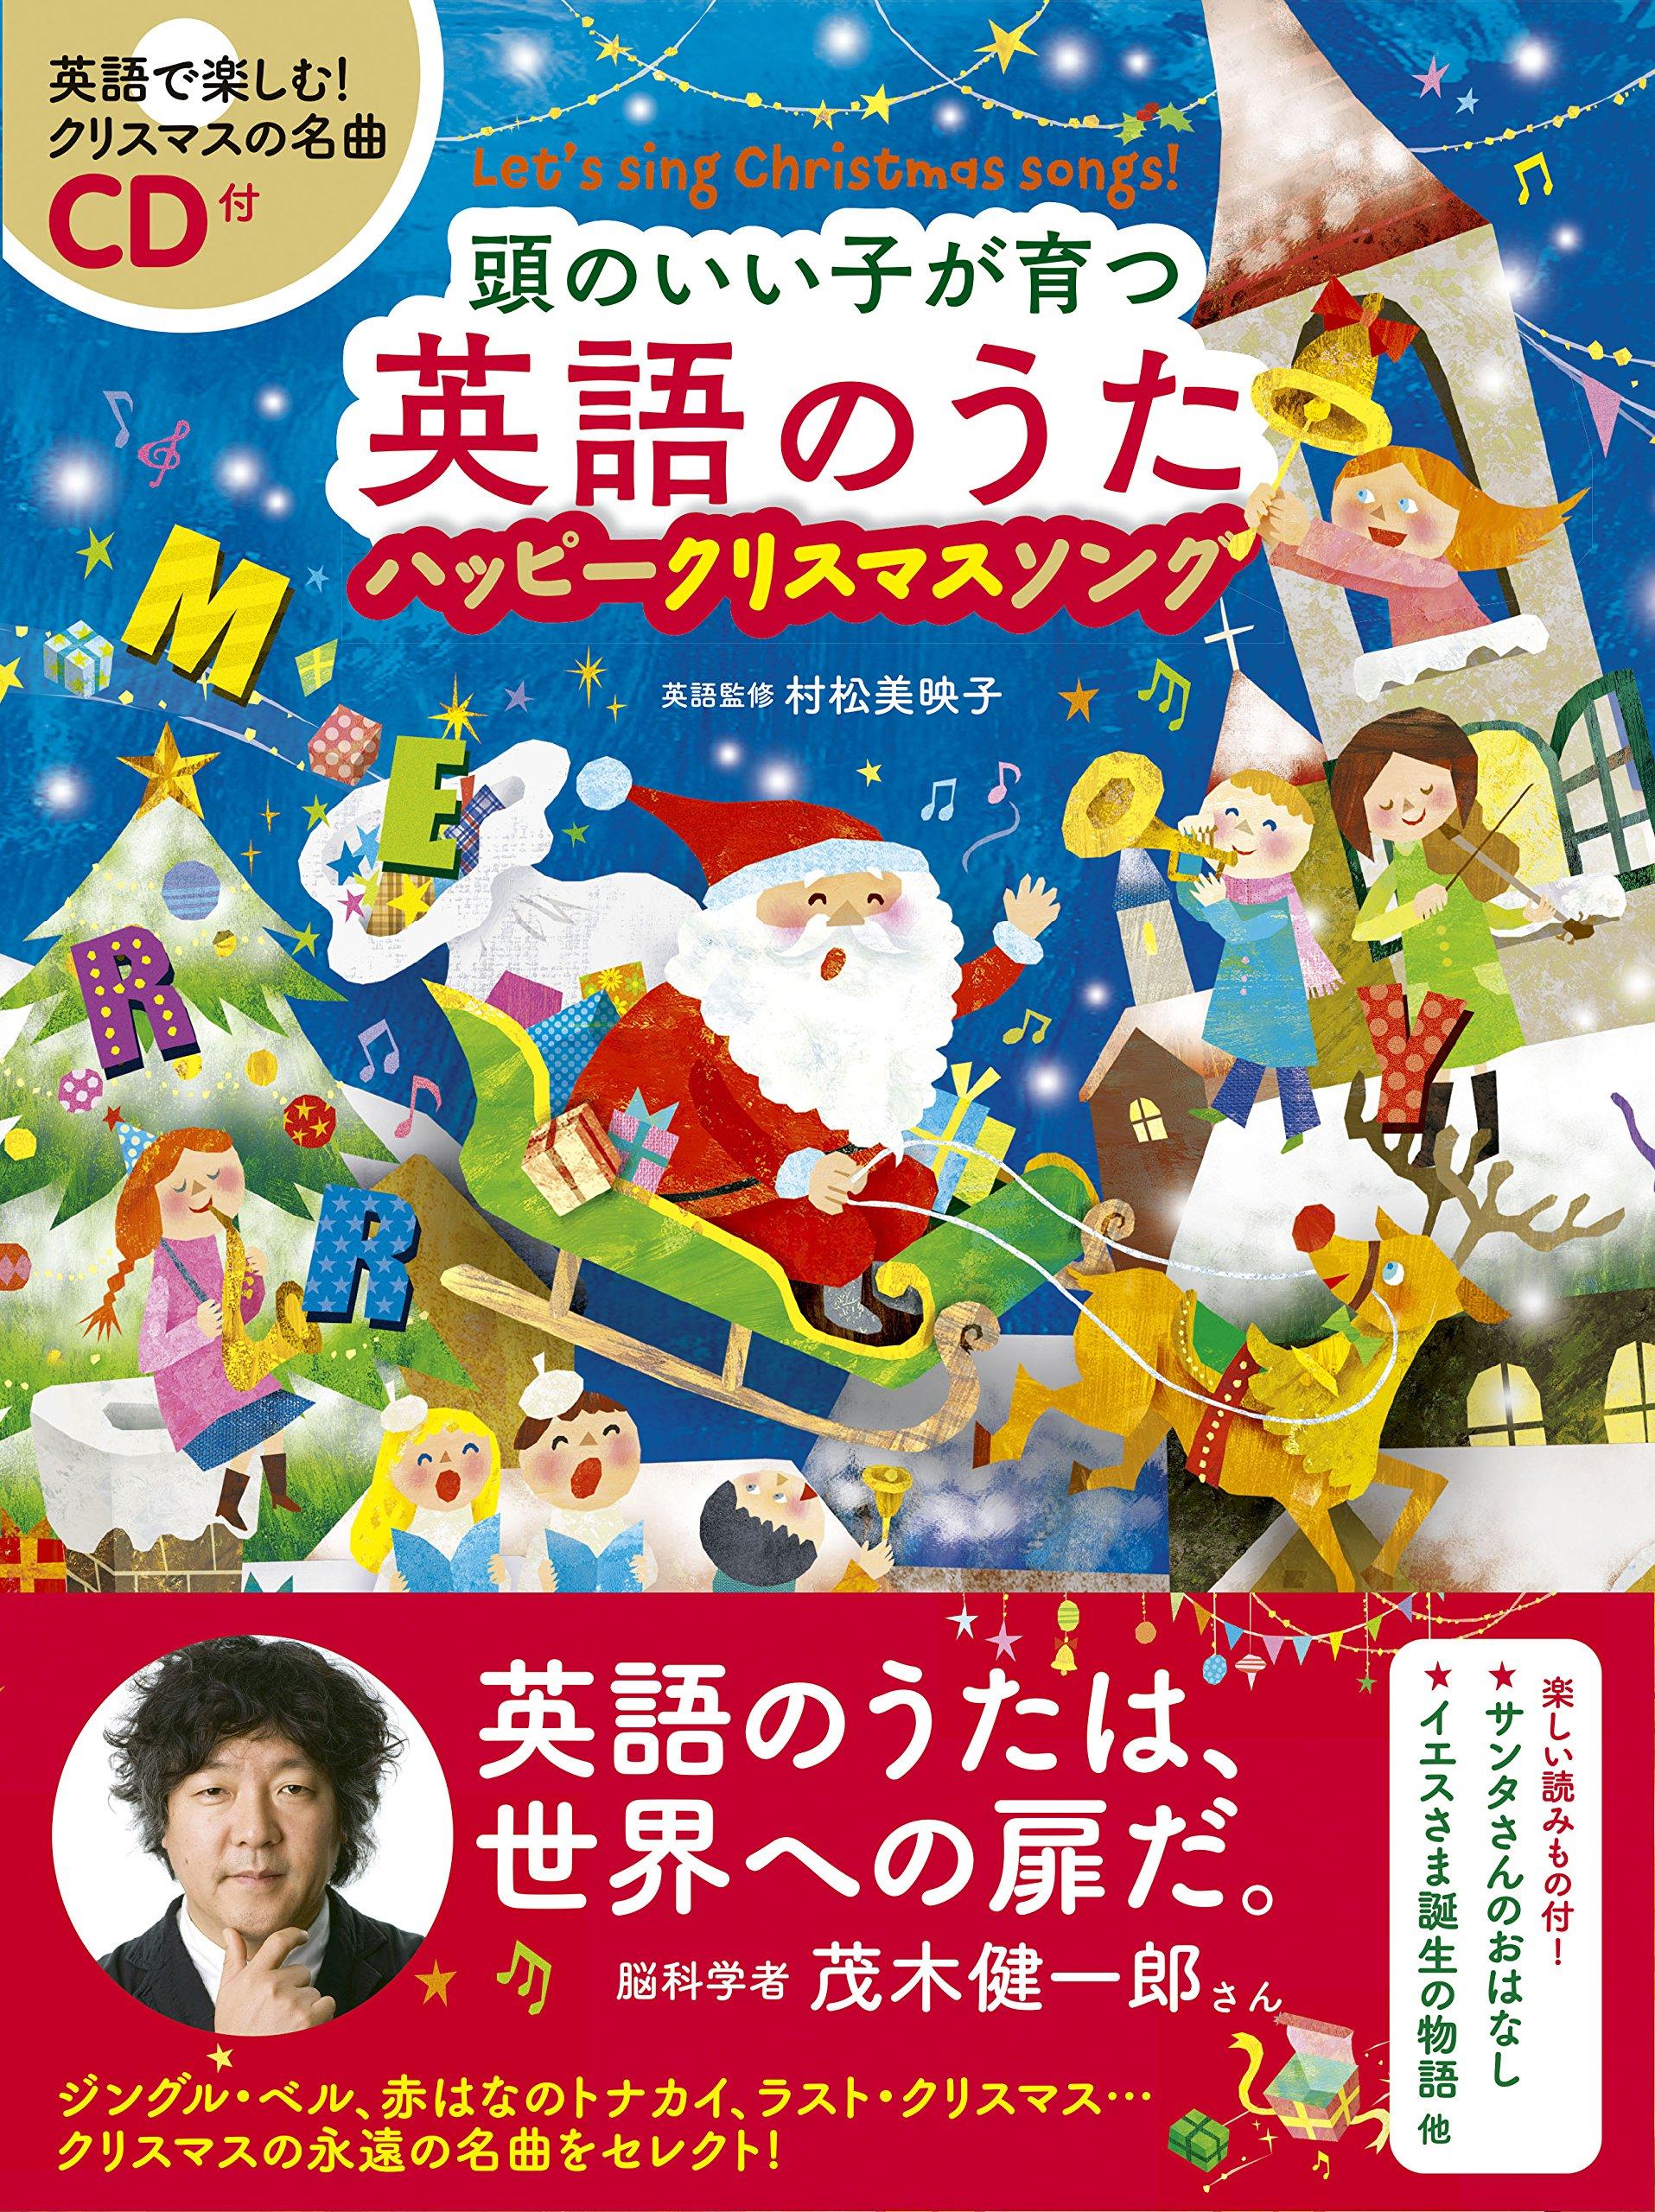 クリスマスソング ランキング